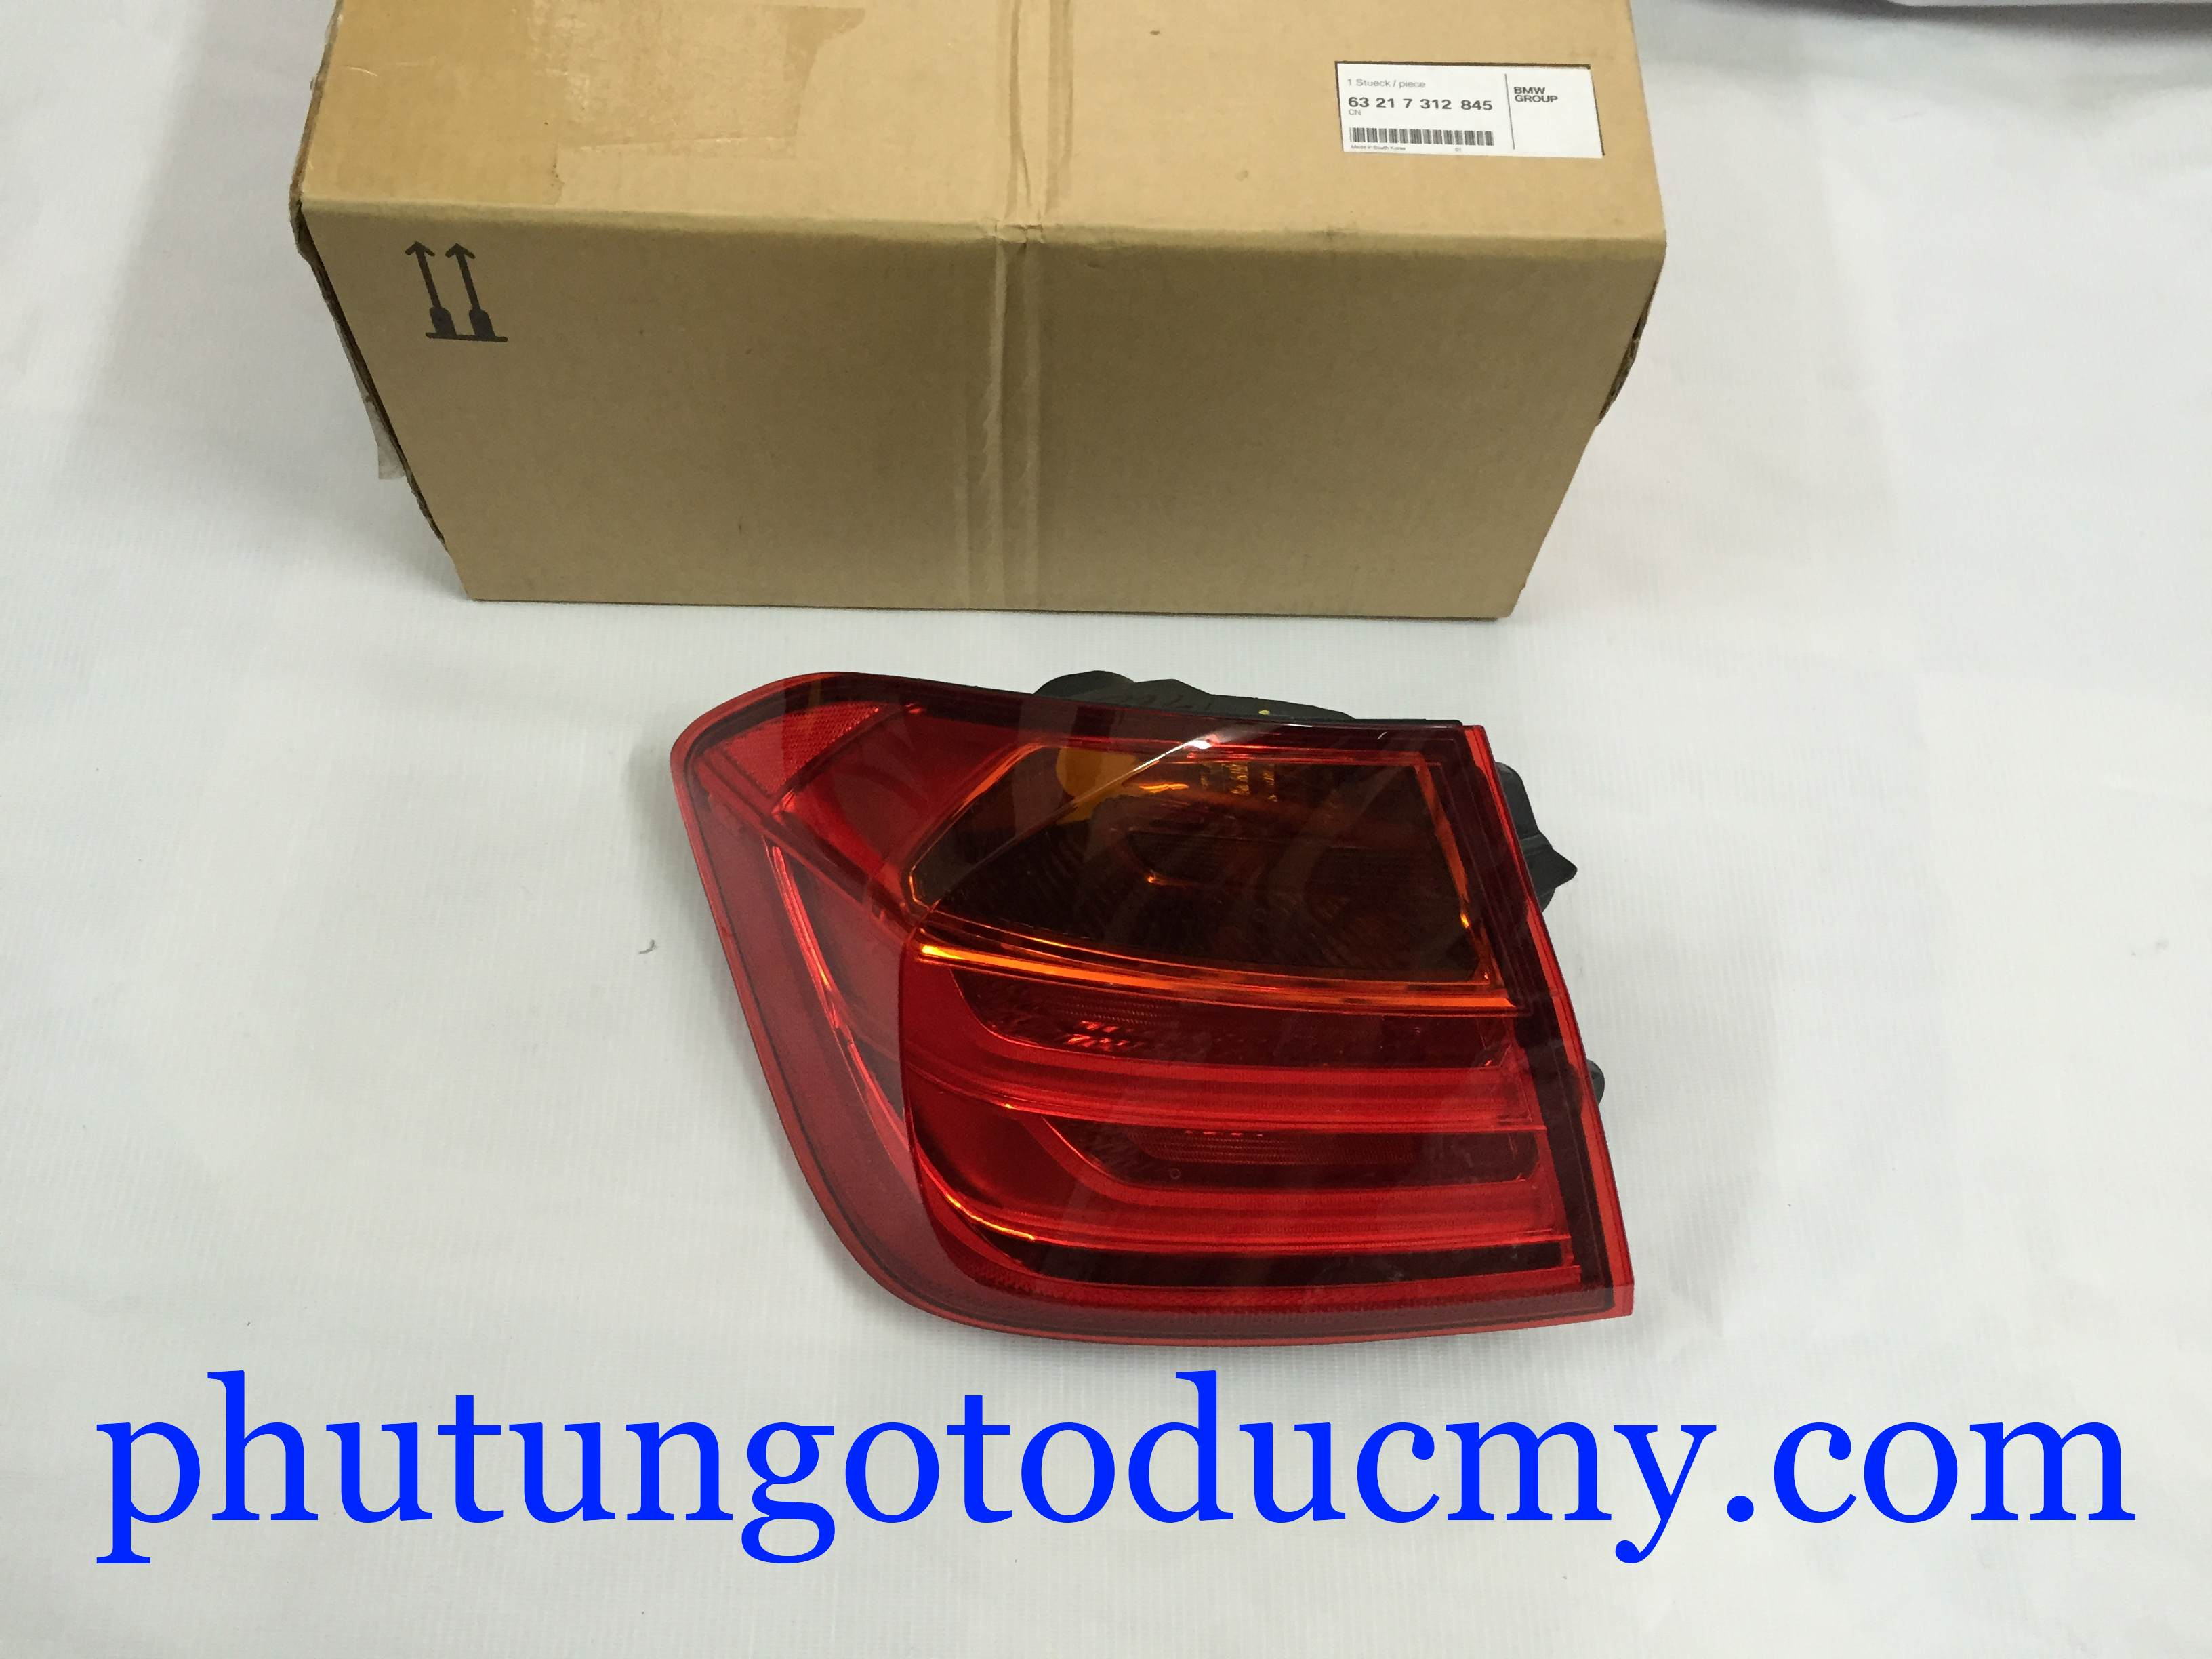 Đèn hậu BMW 320i, 328i F30- 63217312845